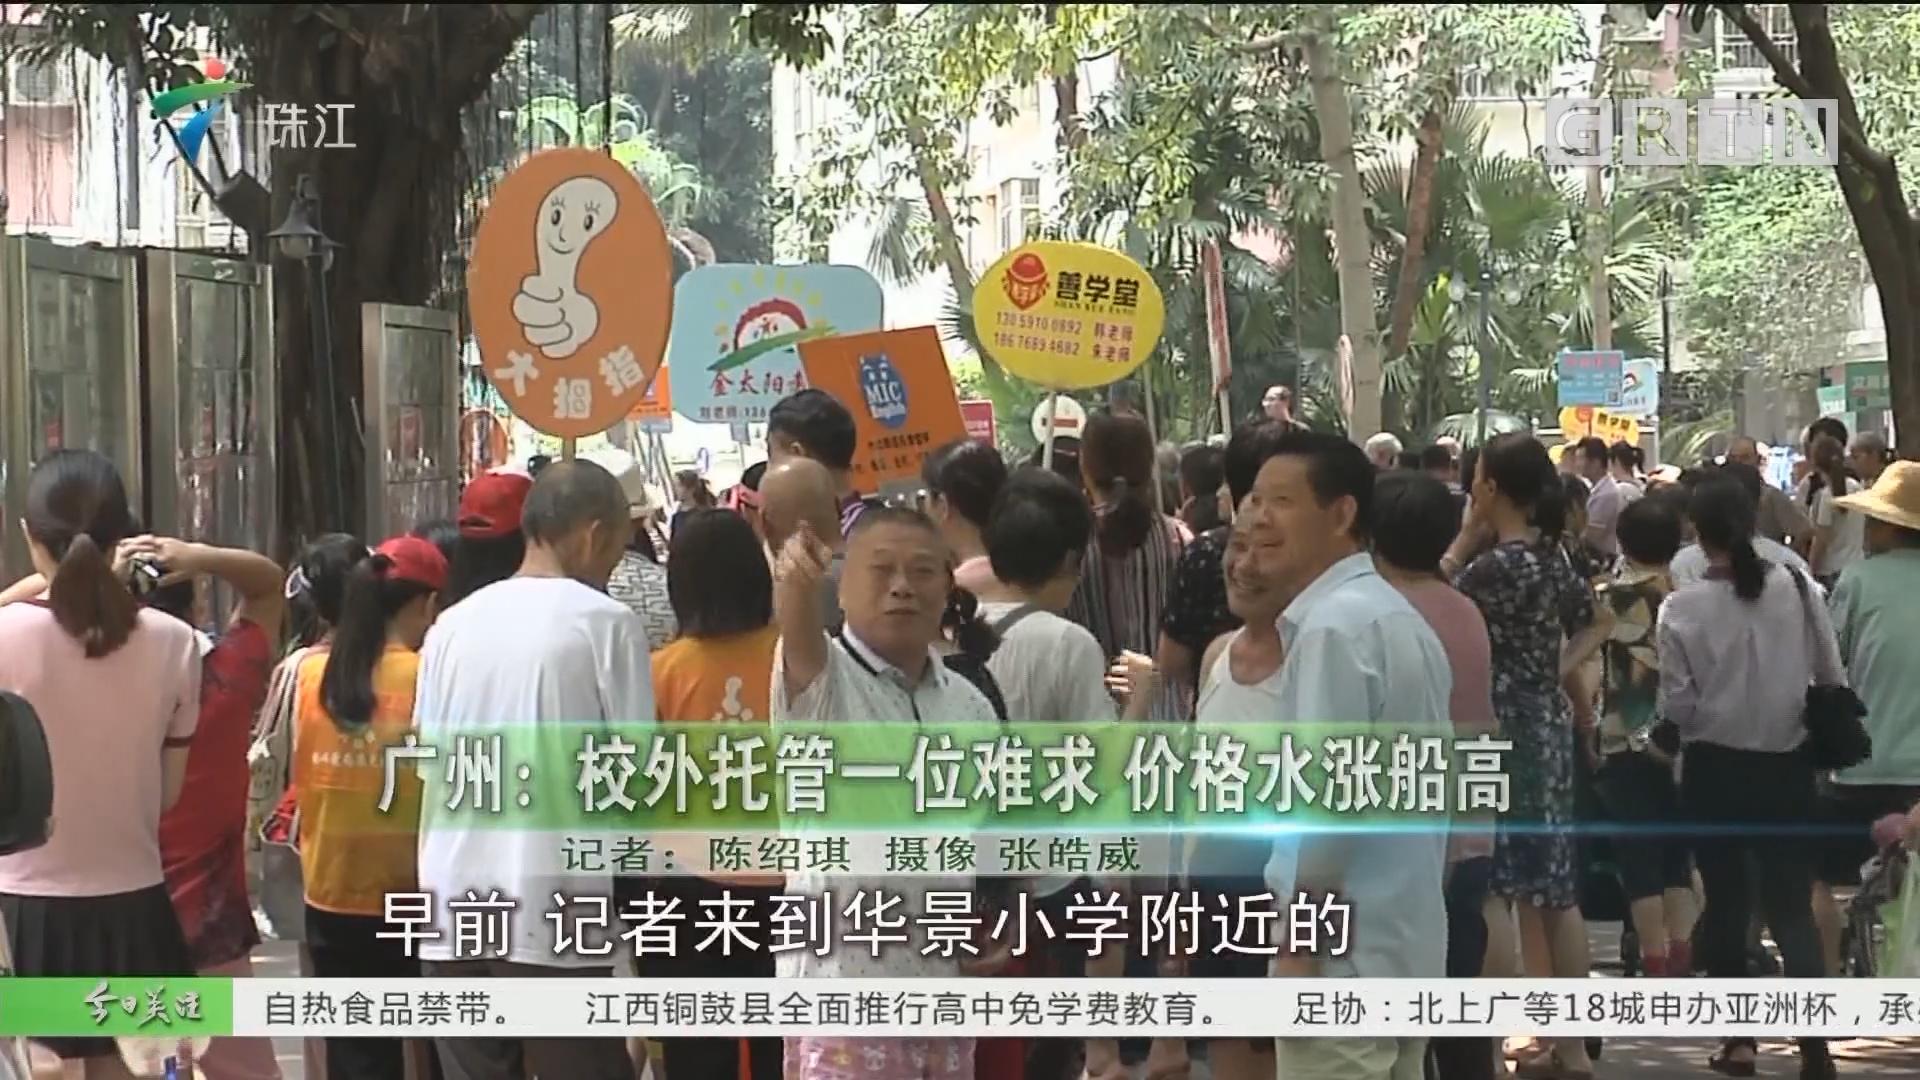 广州:校外托管一位难求 价格水涨船高